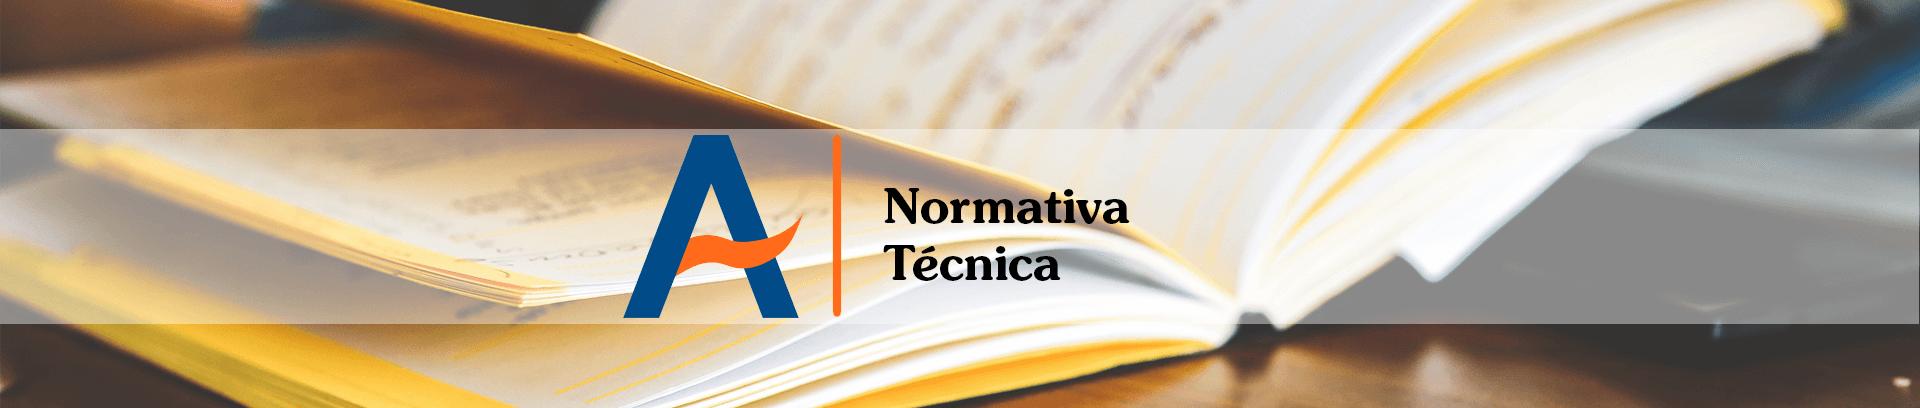 normativa tecnica Agremia